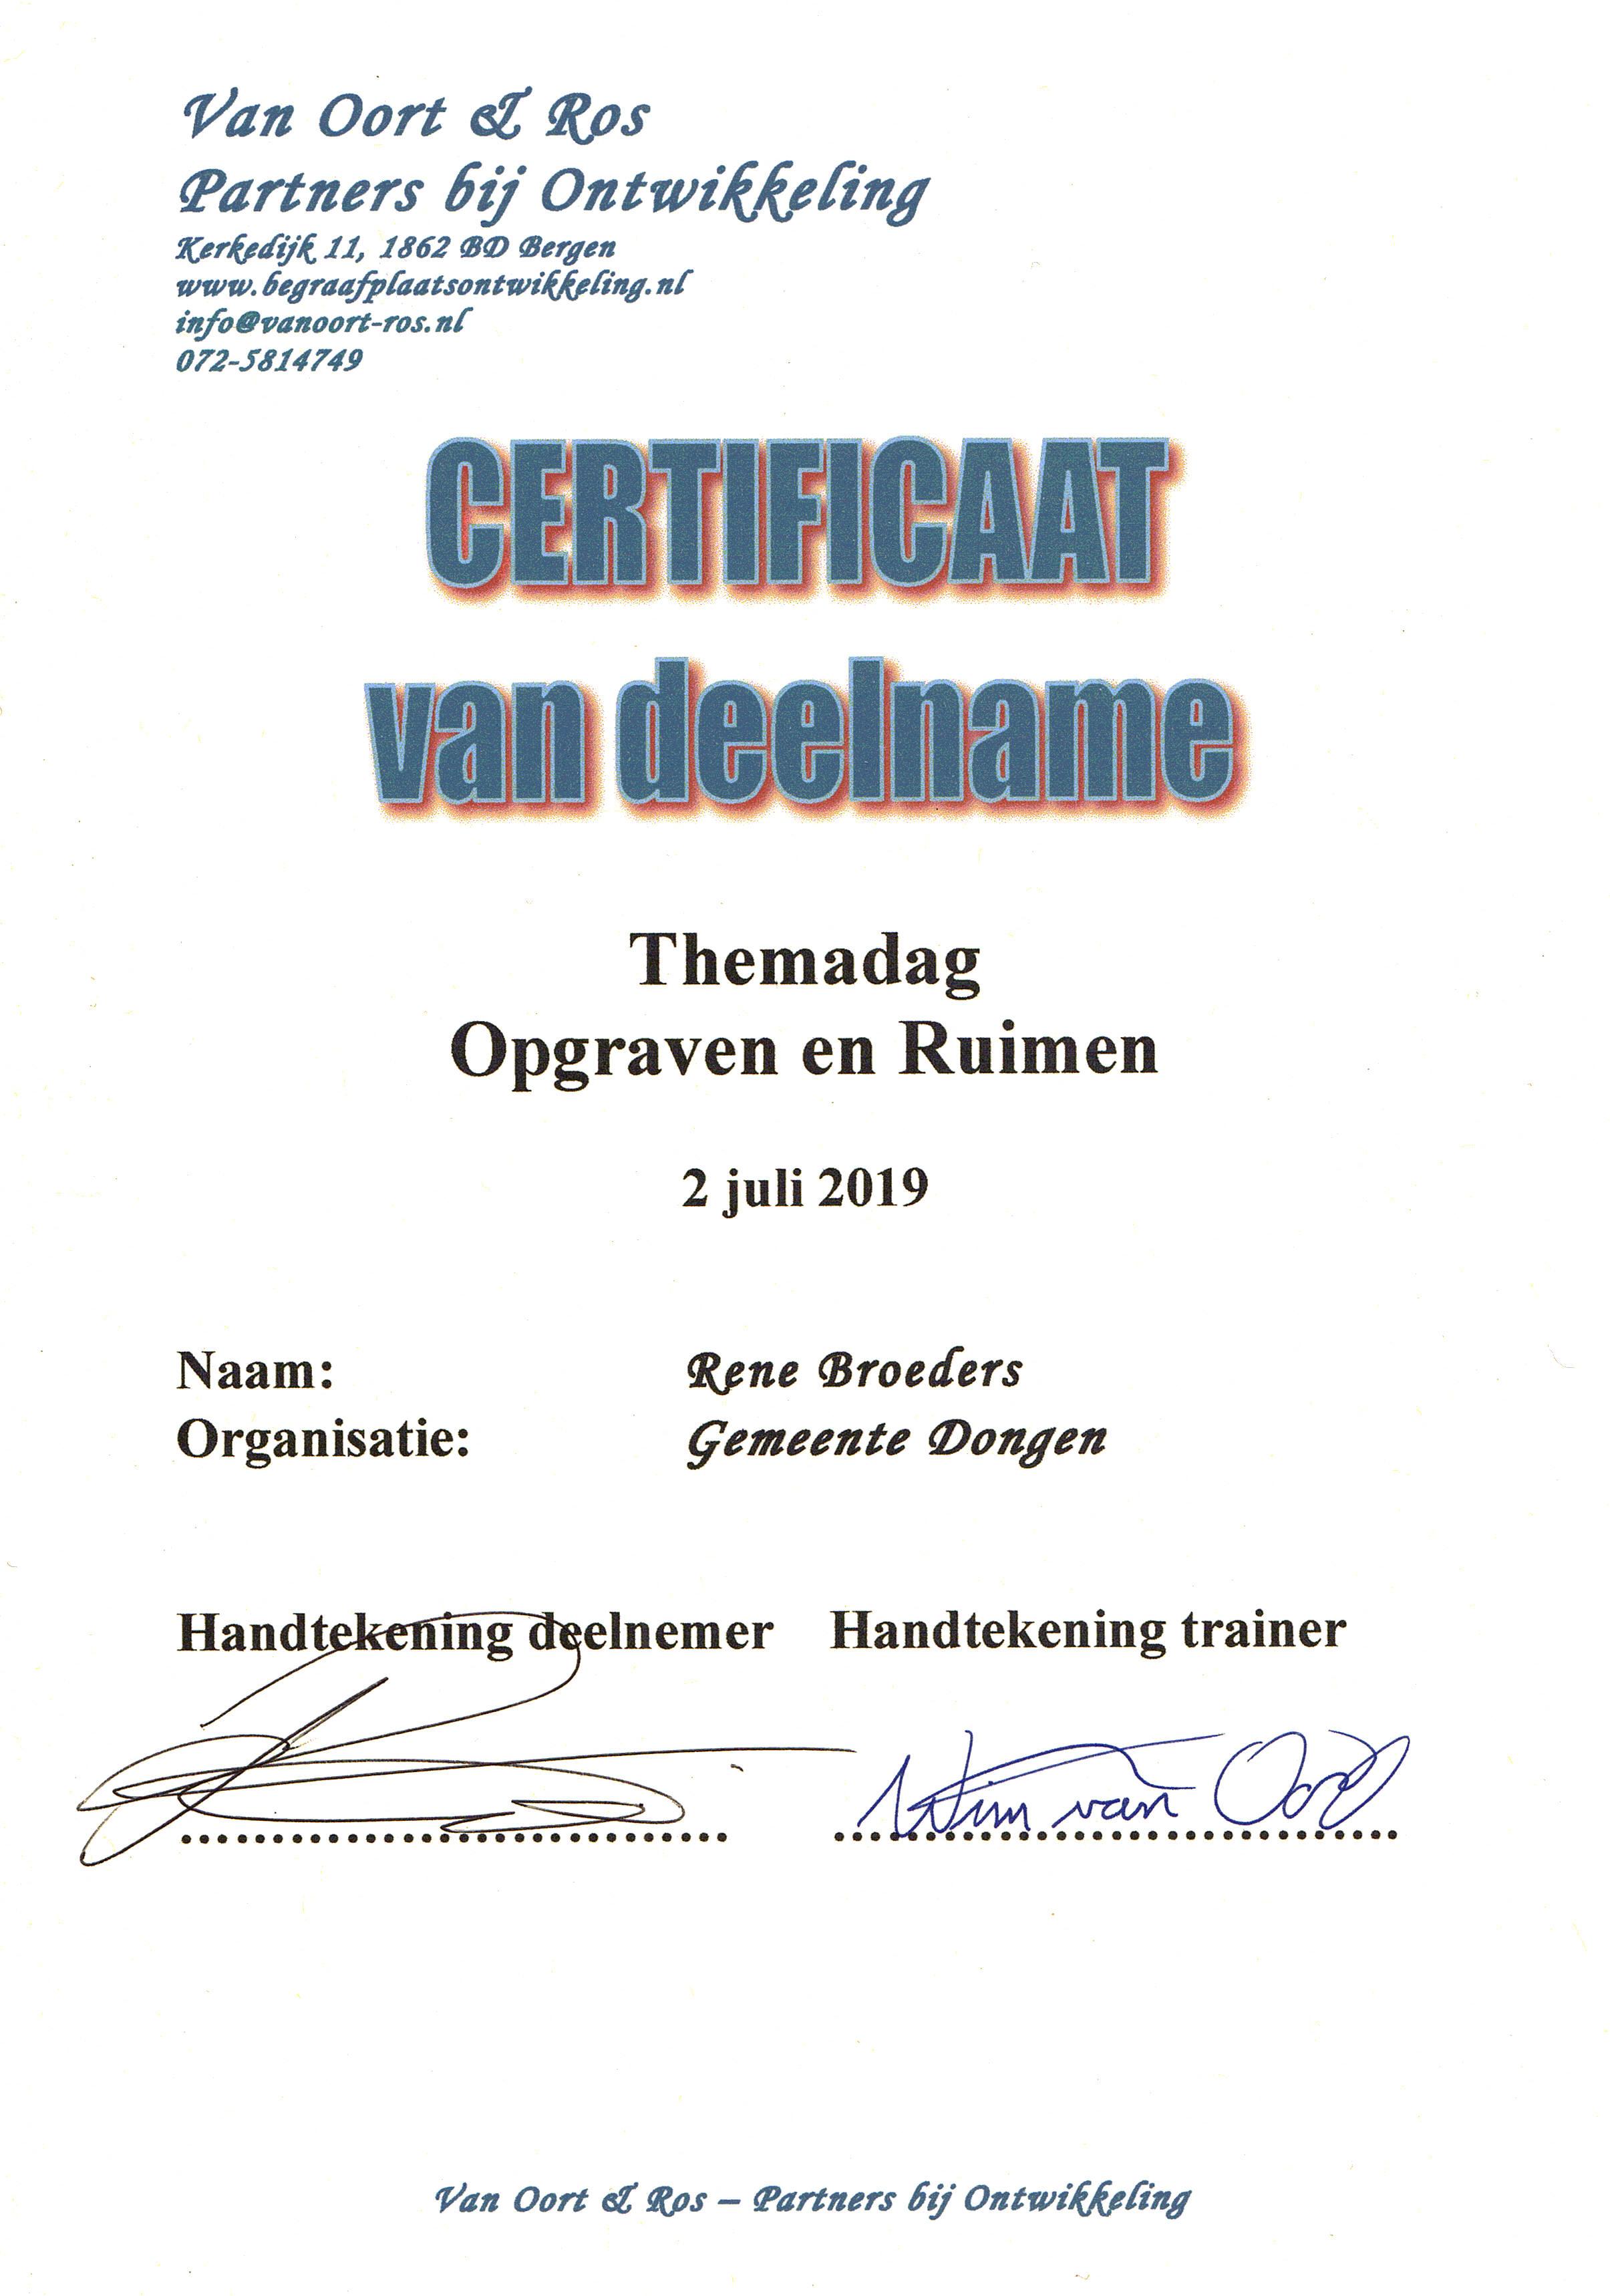 Opleidingen / Certificaat opgraven/ ruimen